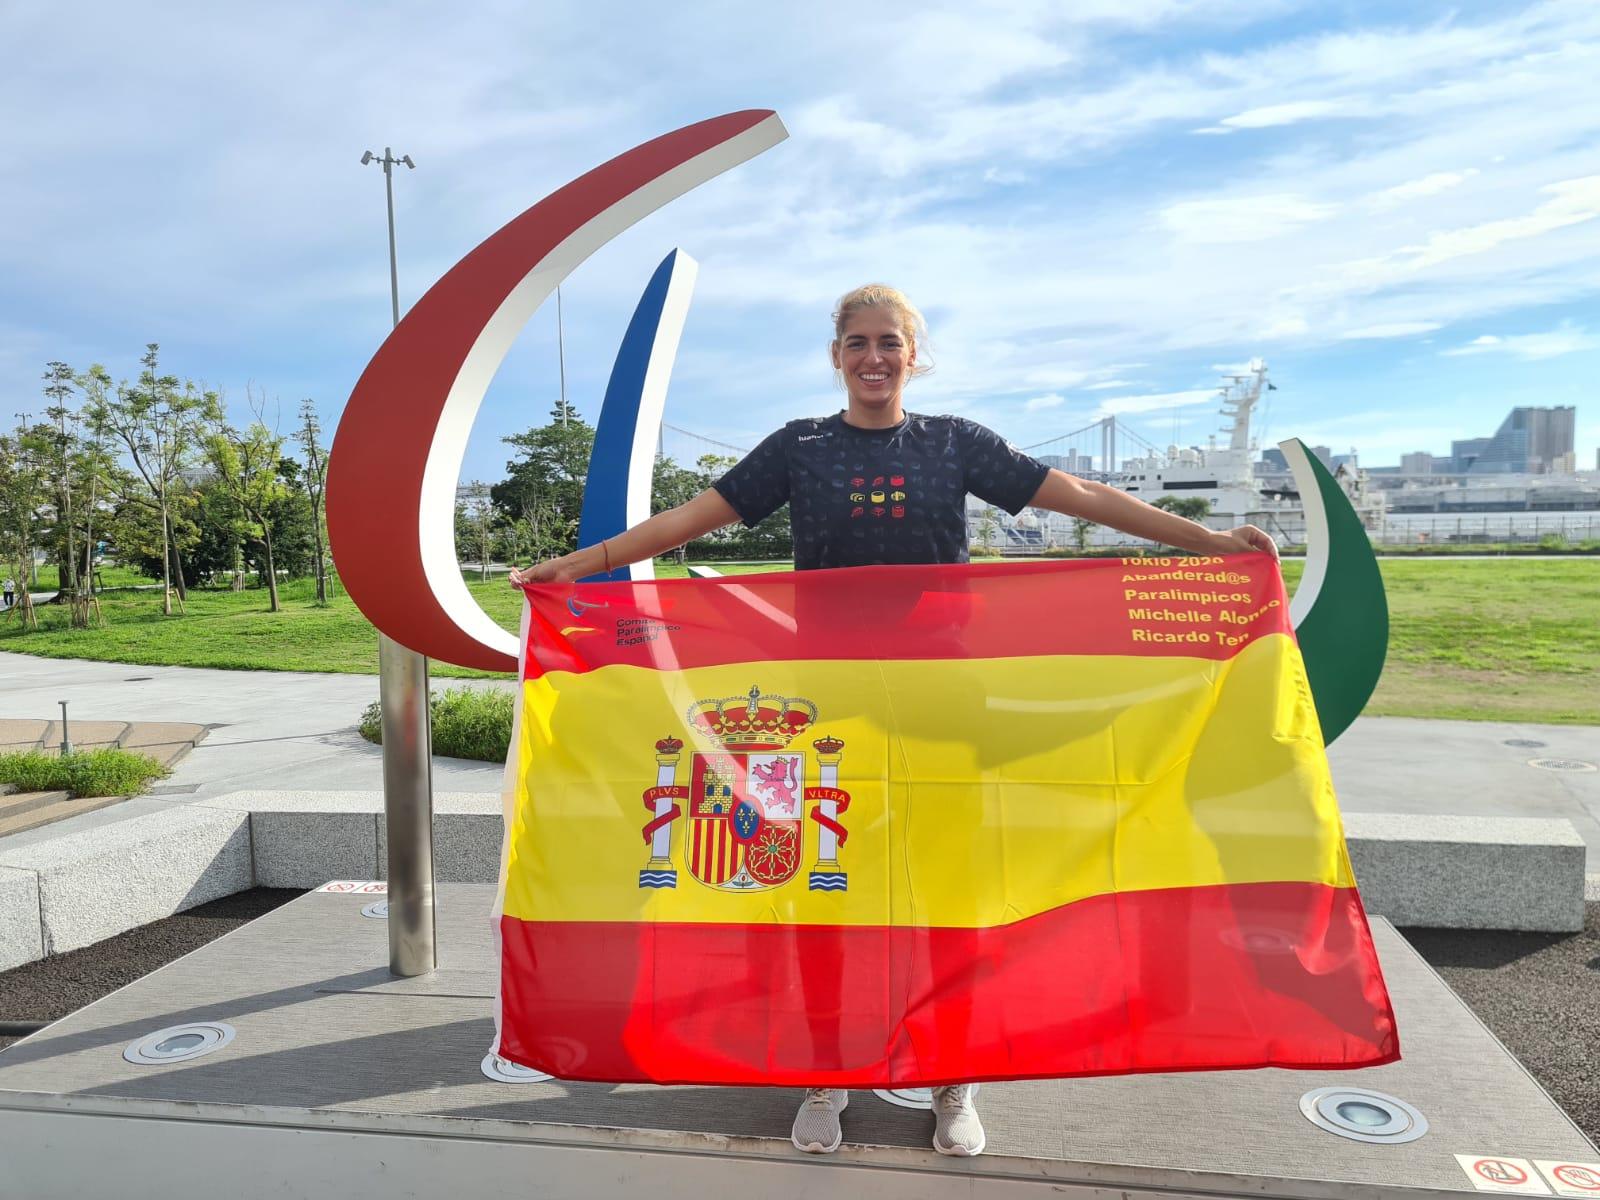 Michelle Alonso en Tokio posa frente al símbolo paralímpico mientras sonríe mostrando la bandera de España.